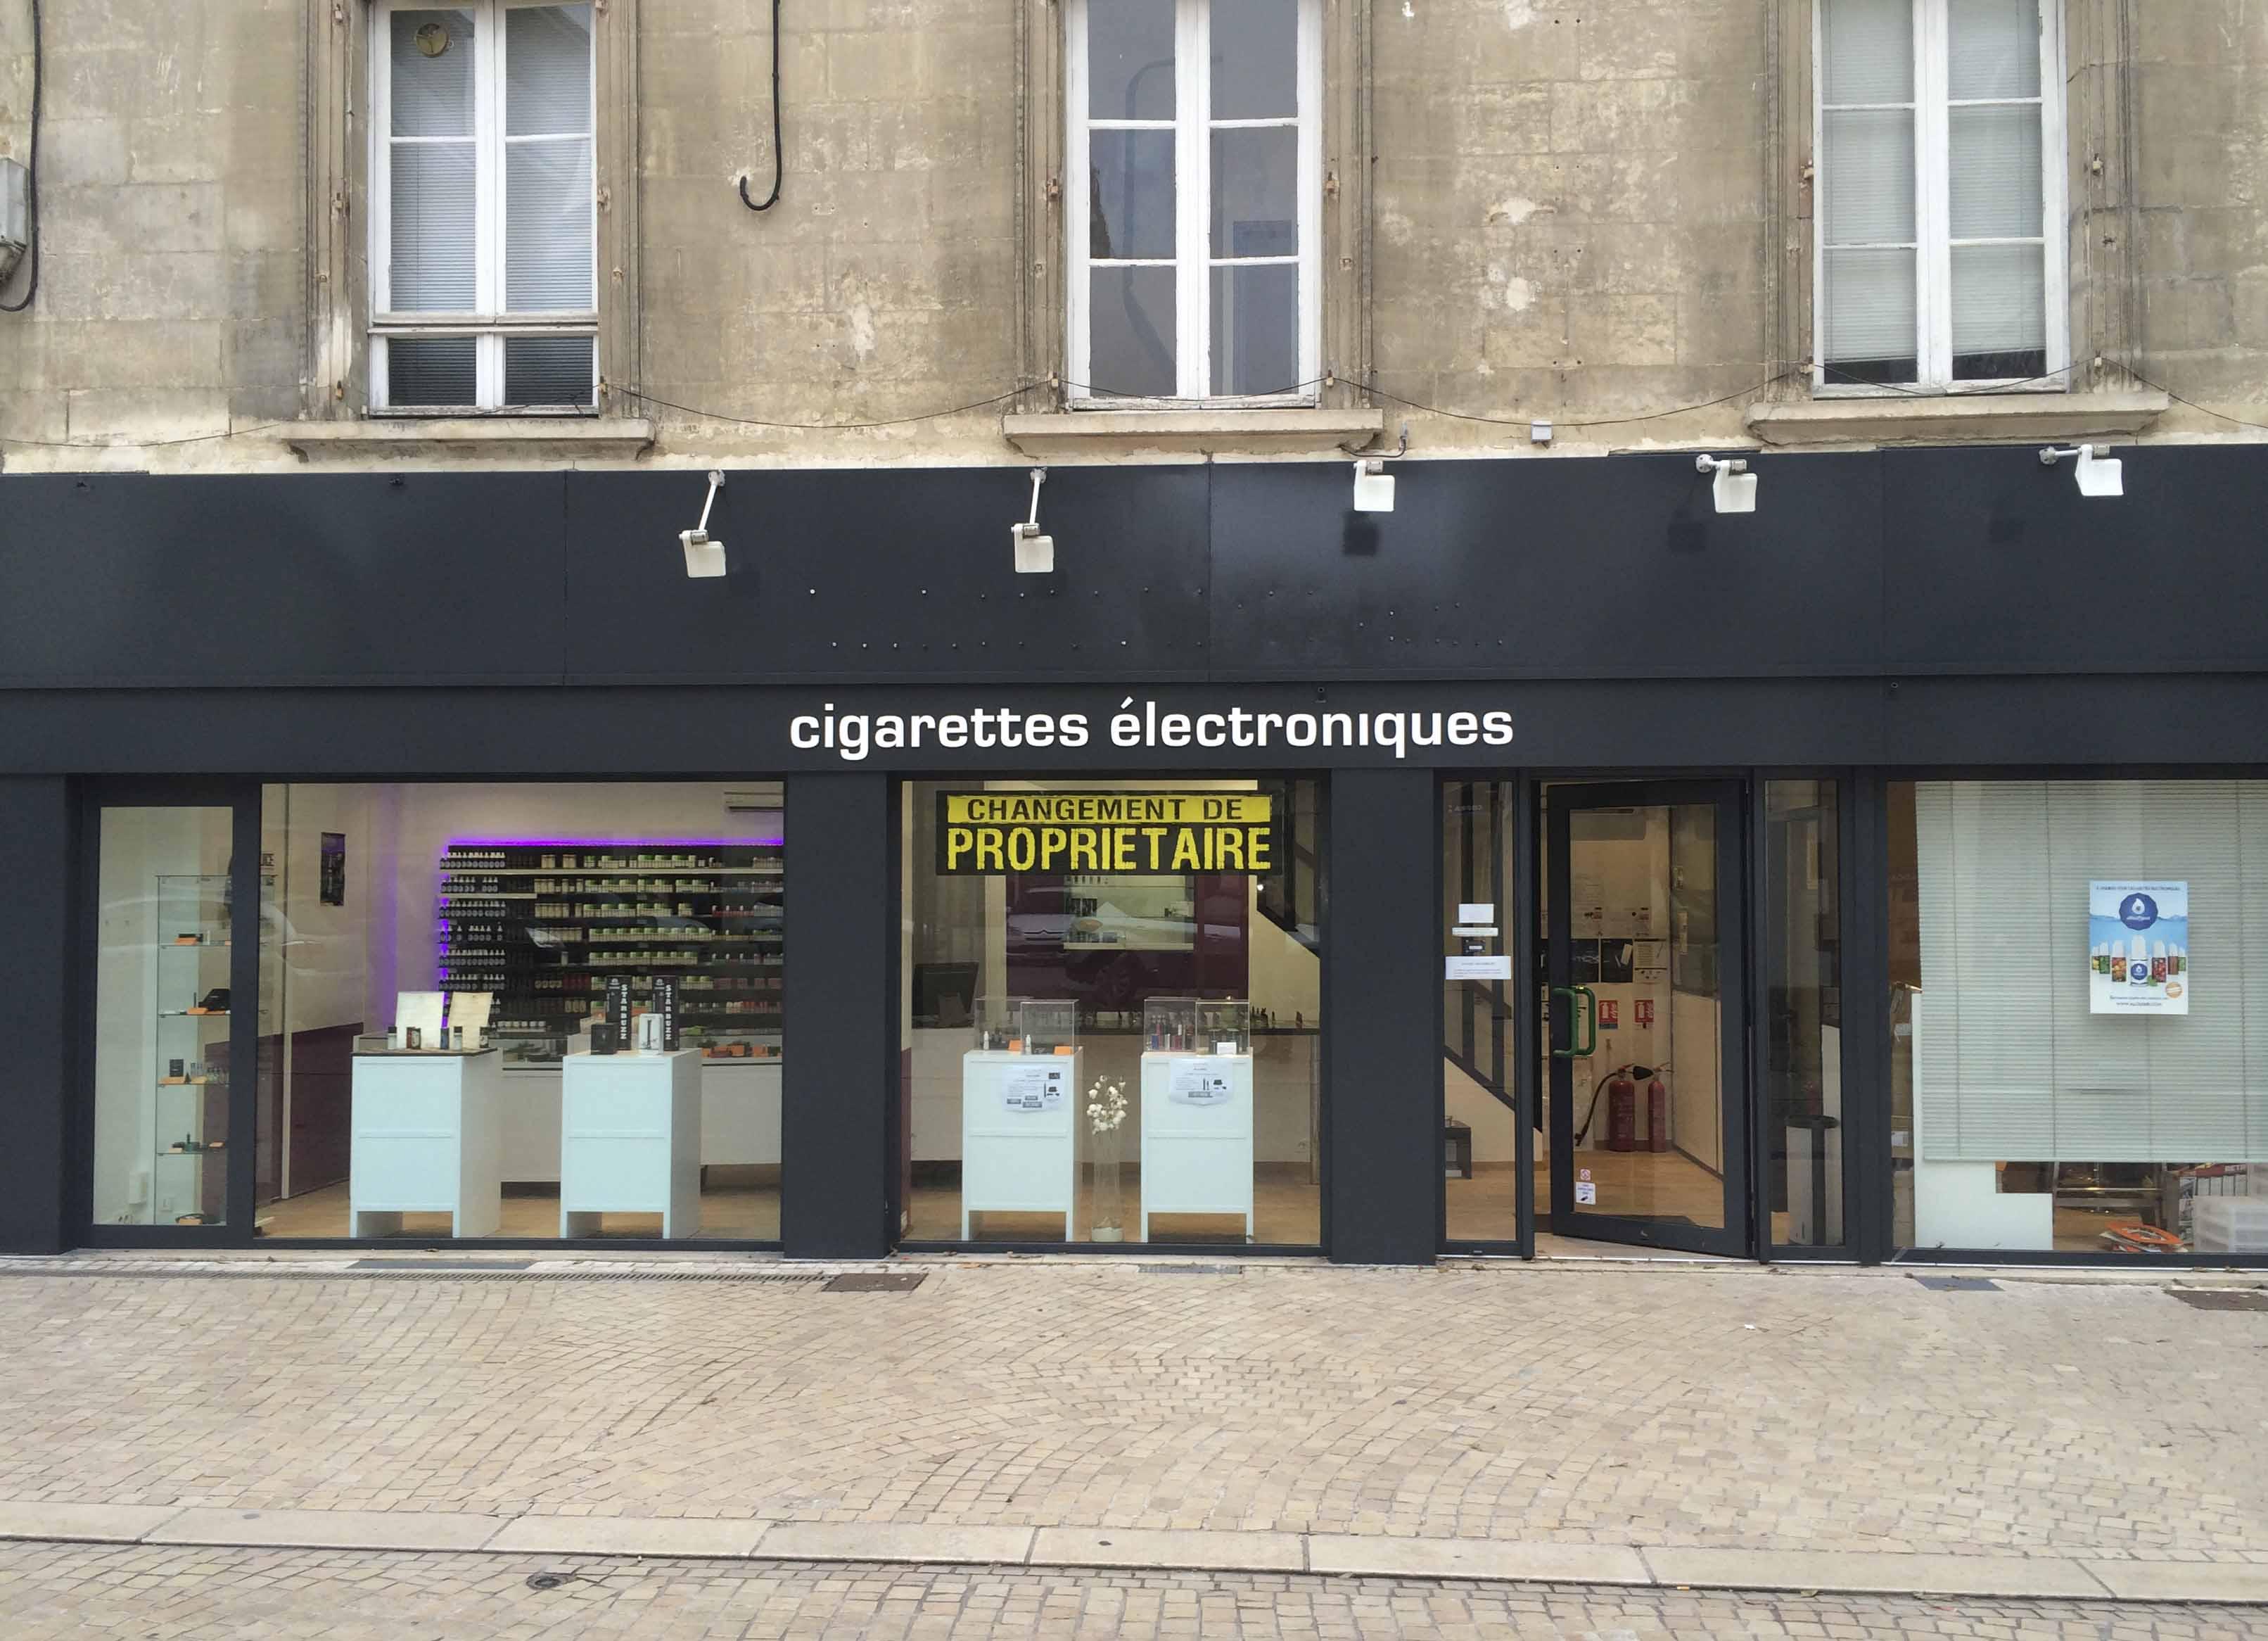 Sonrisa Poitiers cigarette électronique